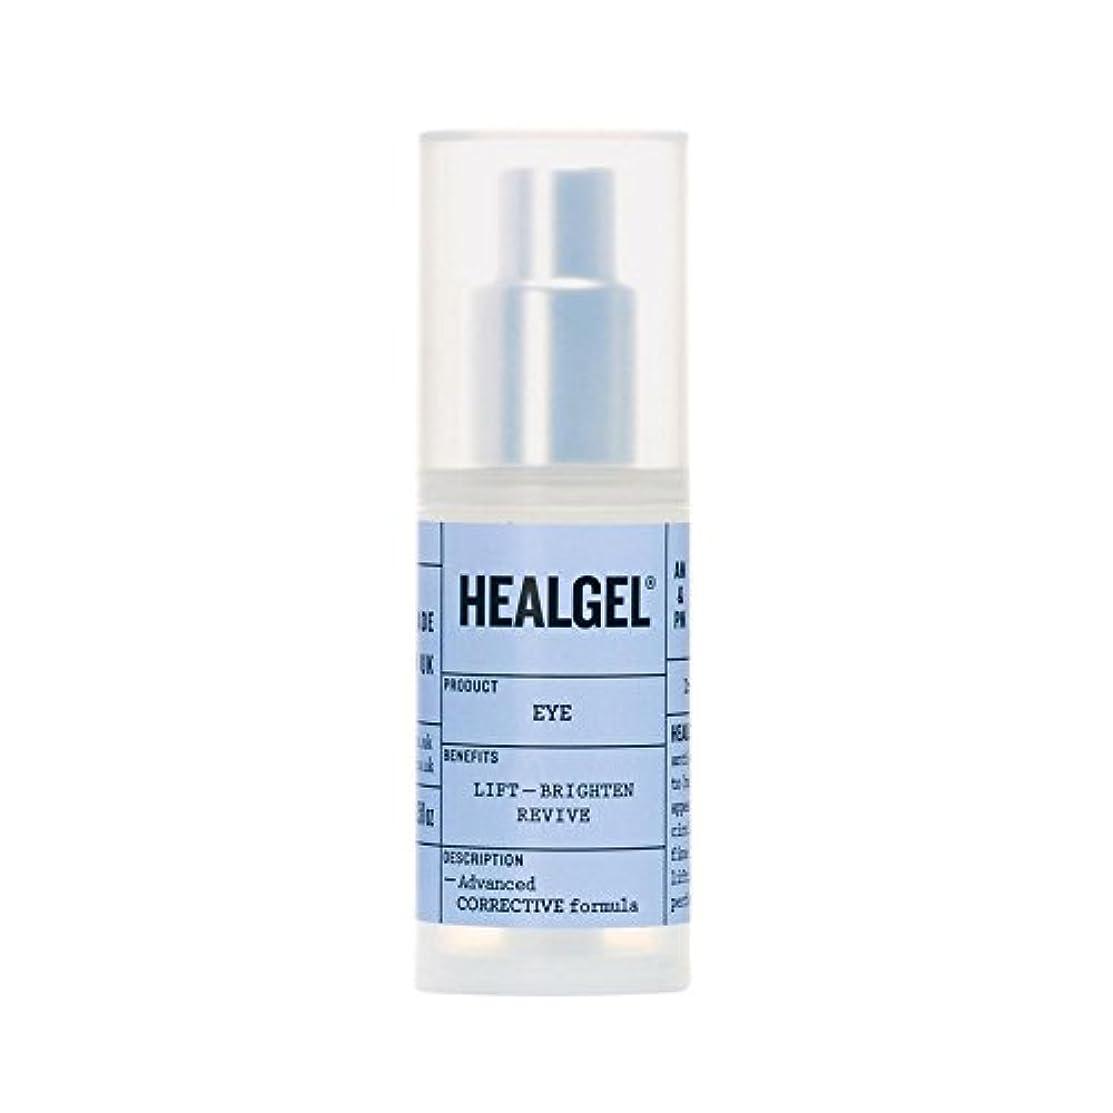 差放射するシャンプーゲル白眼式15ミリリットルを癒します x4 - Heal Gel Brightening Eye Formula 15ml (Pack of 4) [並行輸入品]